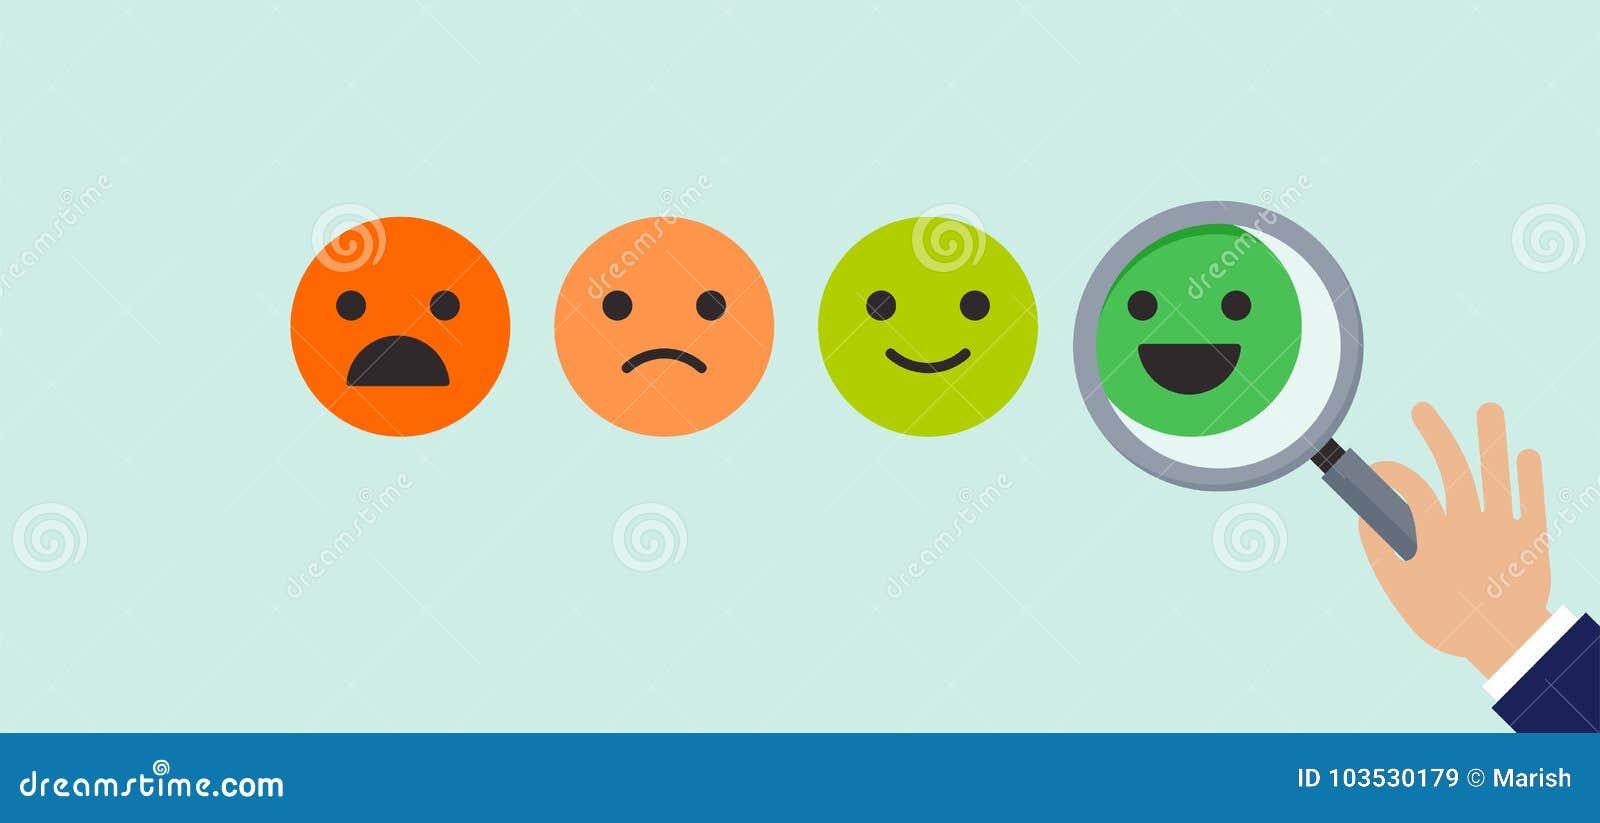 Informacje zwrotne pojęcia projekt, emoticon, emoji i uśmiech, emoticons skala